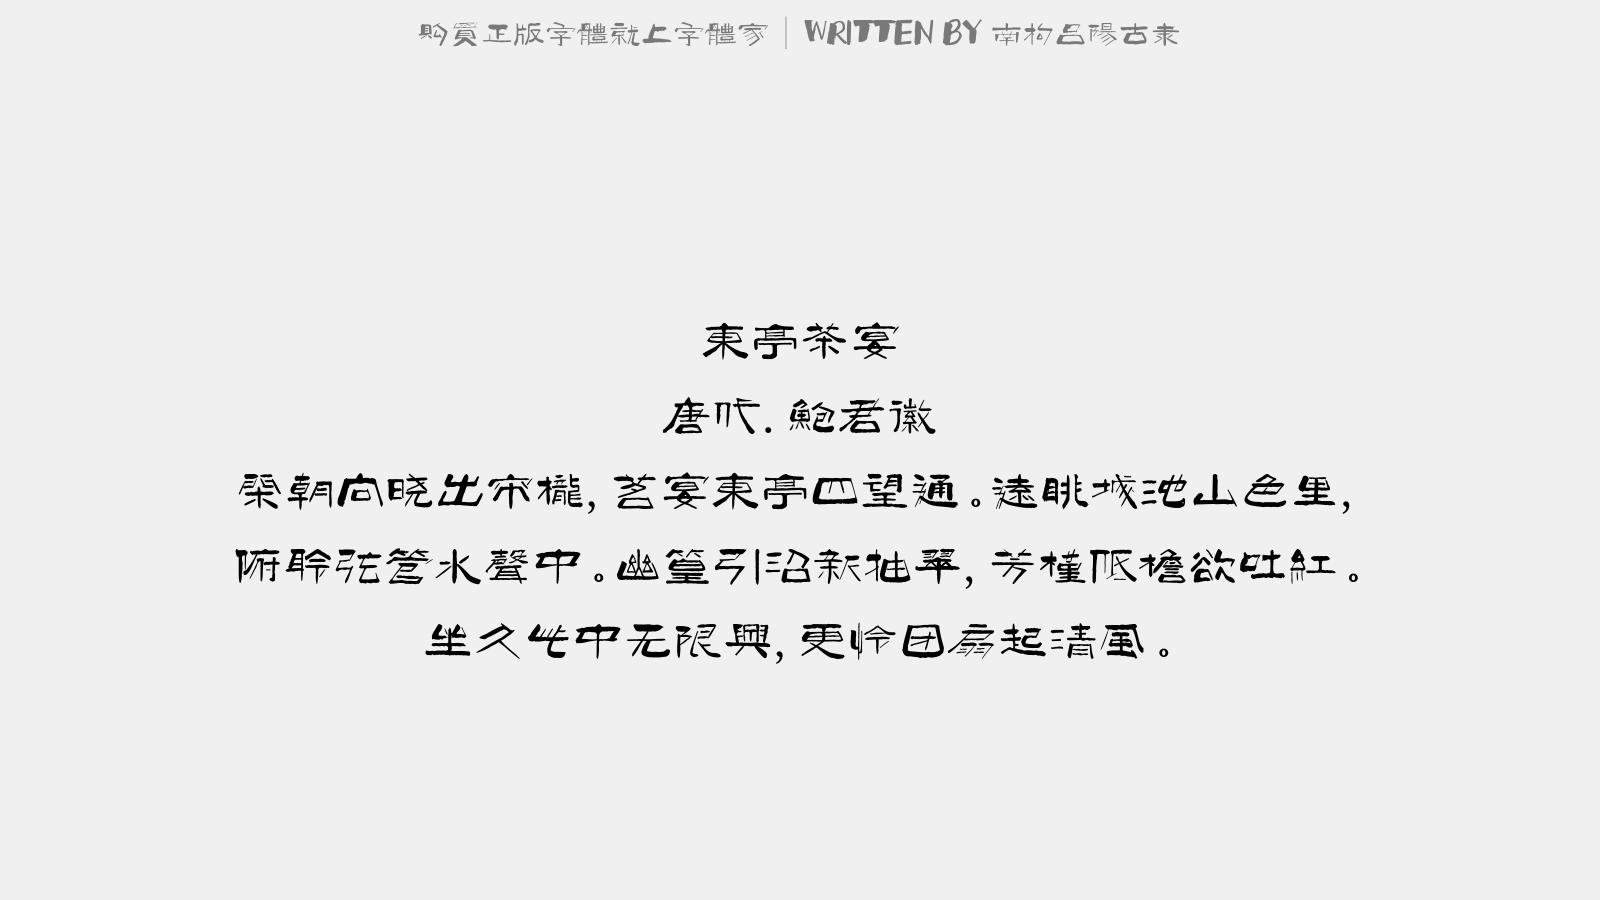 南構呂陽古隸 - 東亭茶宴